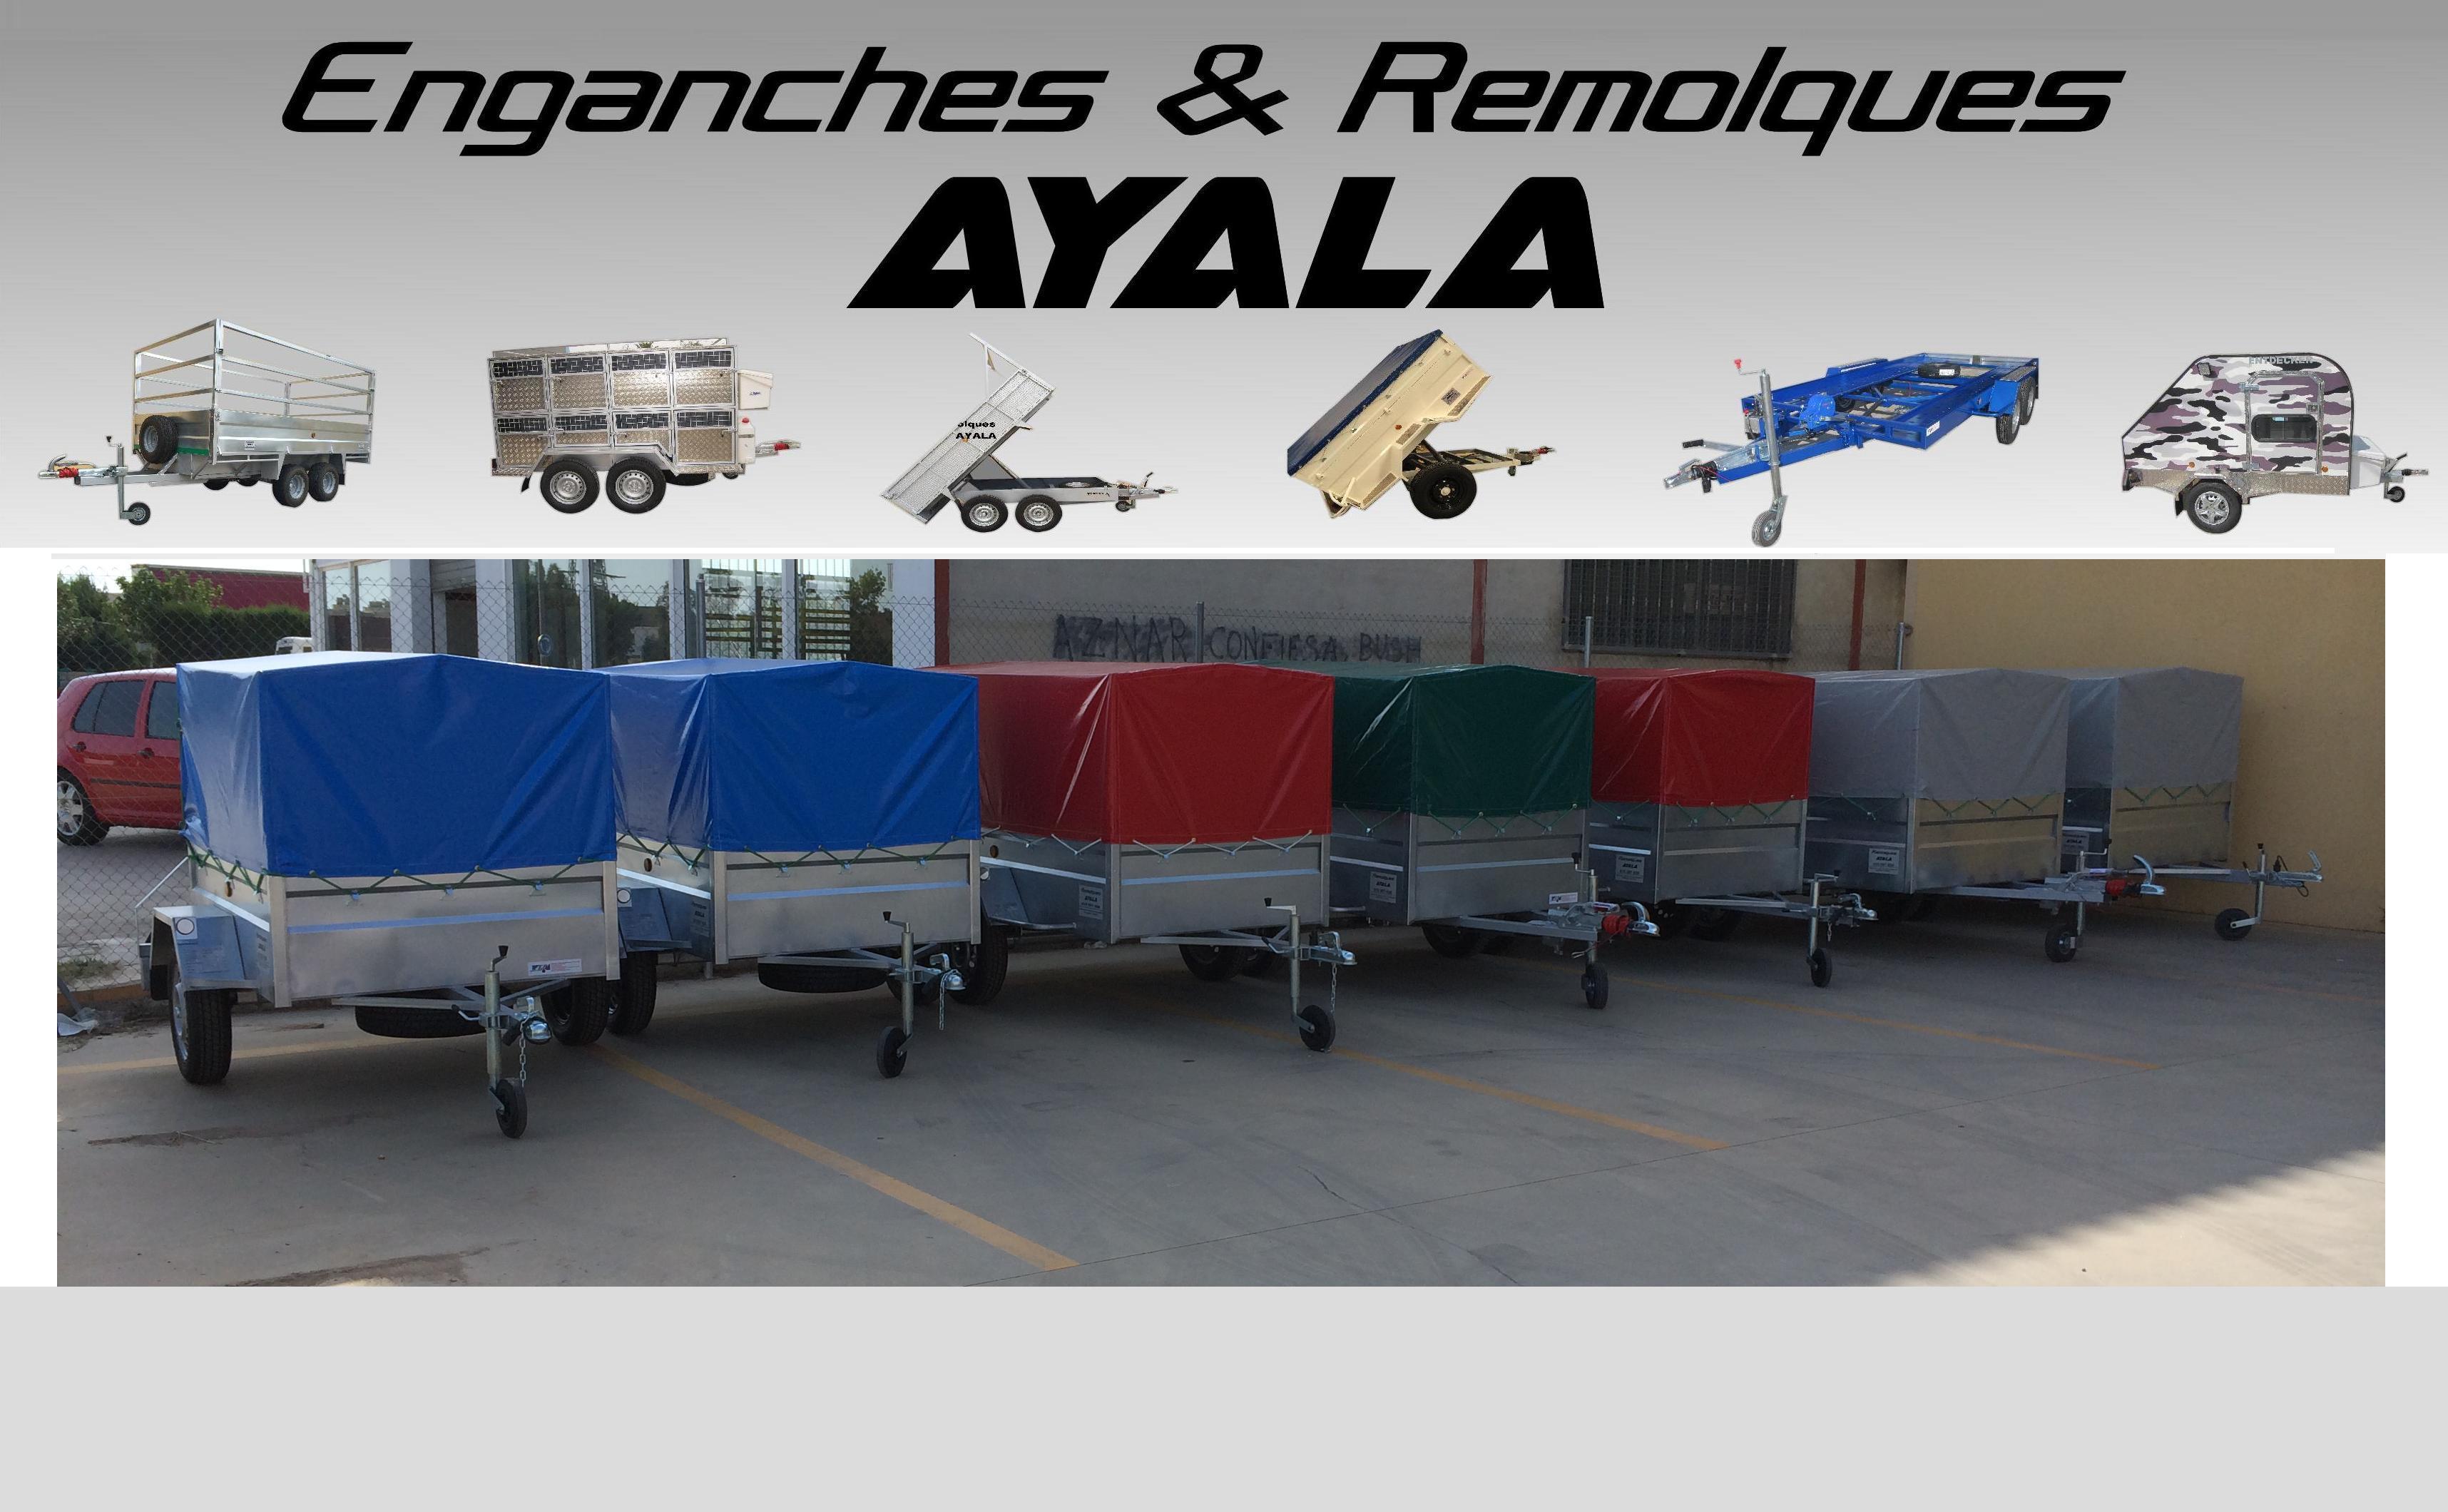 Remolque x x 500 con lona y arquillos for Enganches para toldos